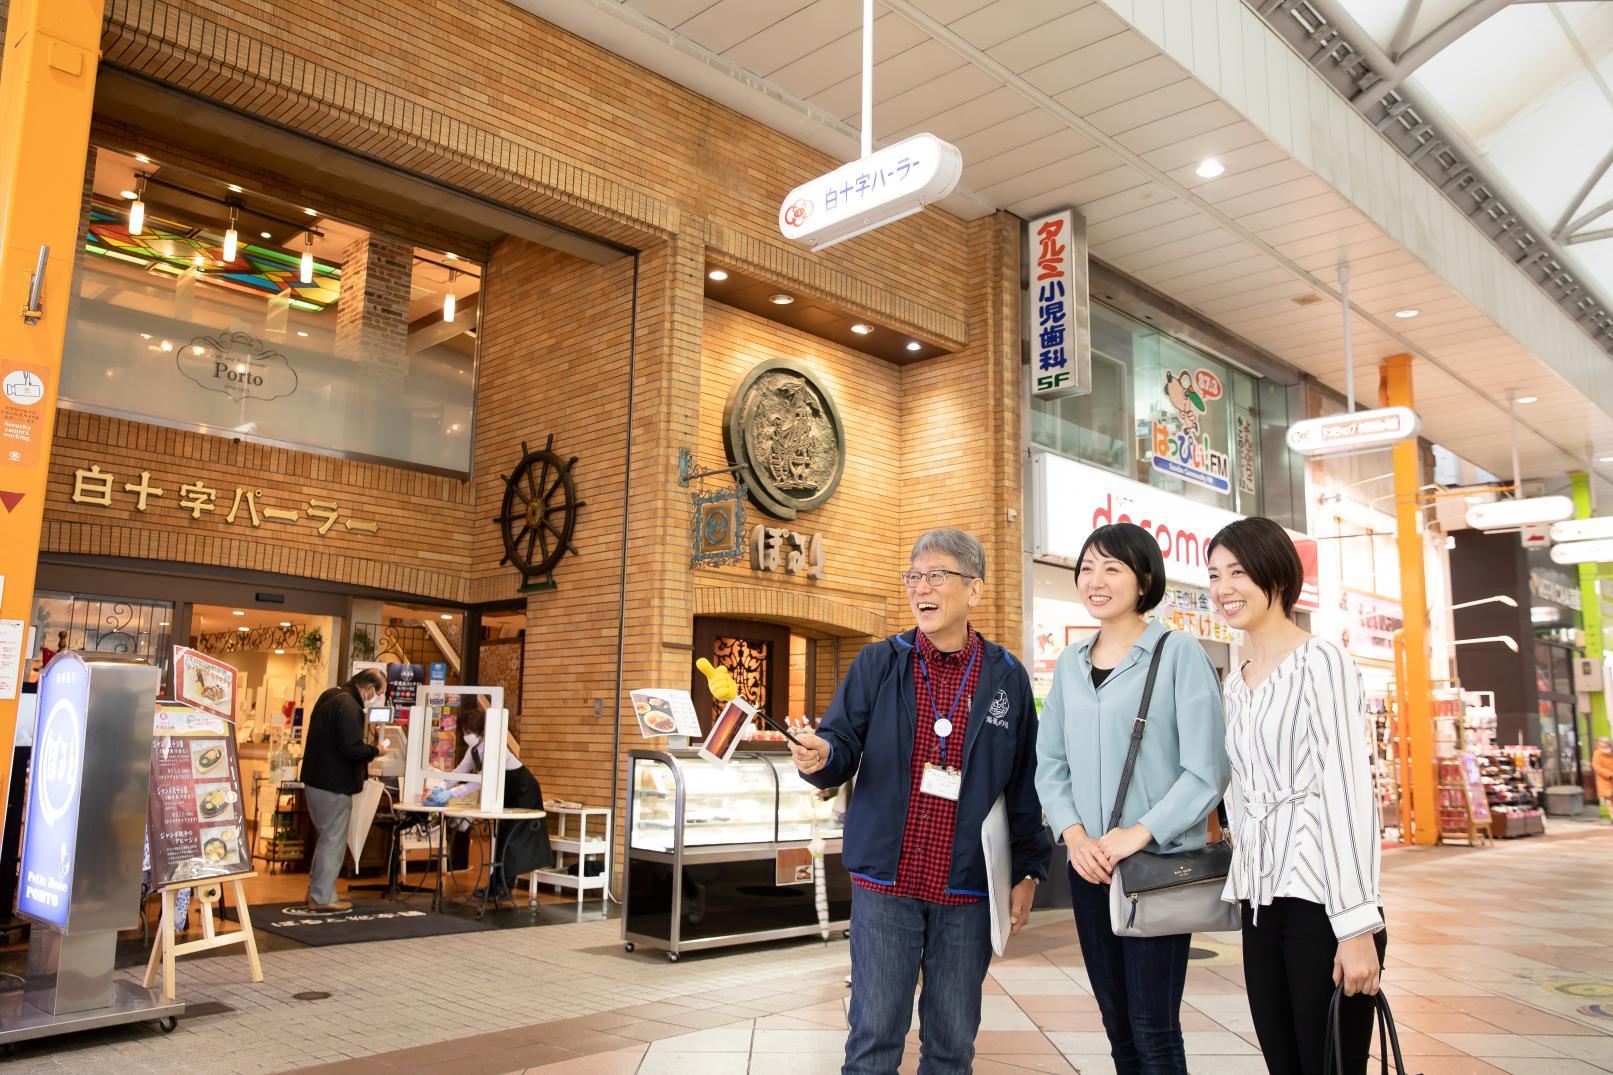 SASEBO港まち歩き-1